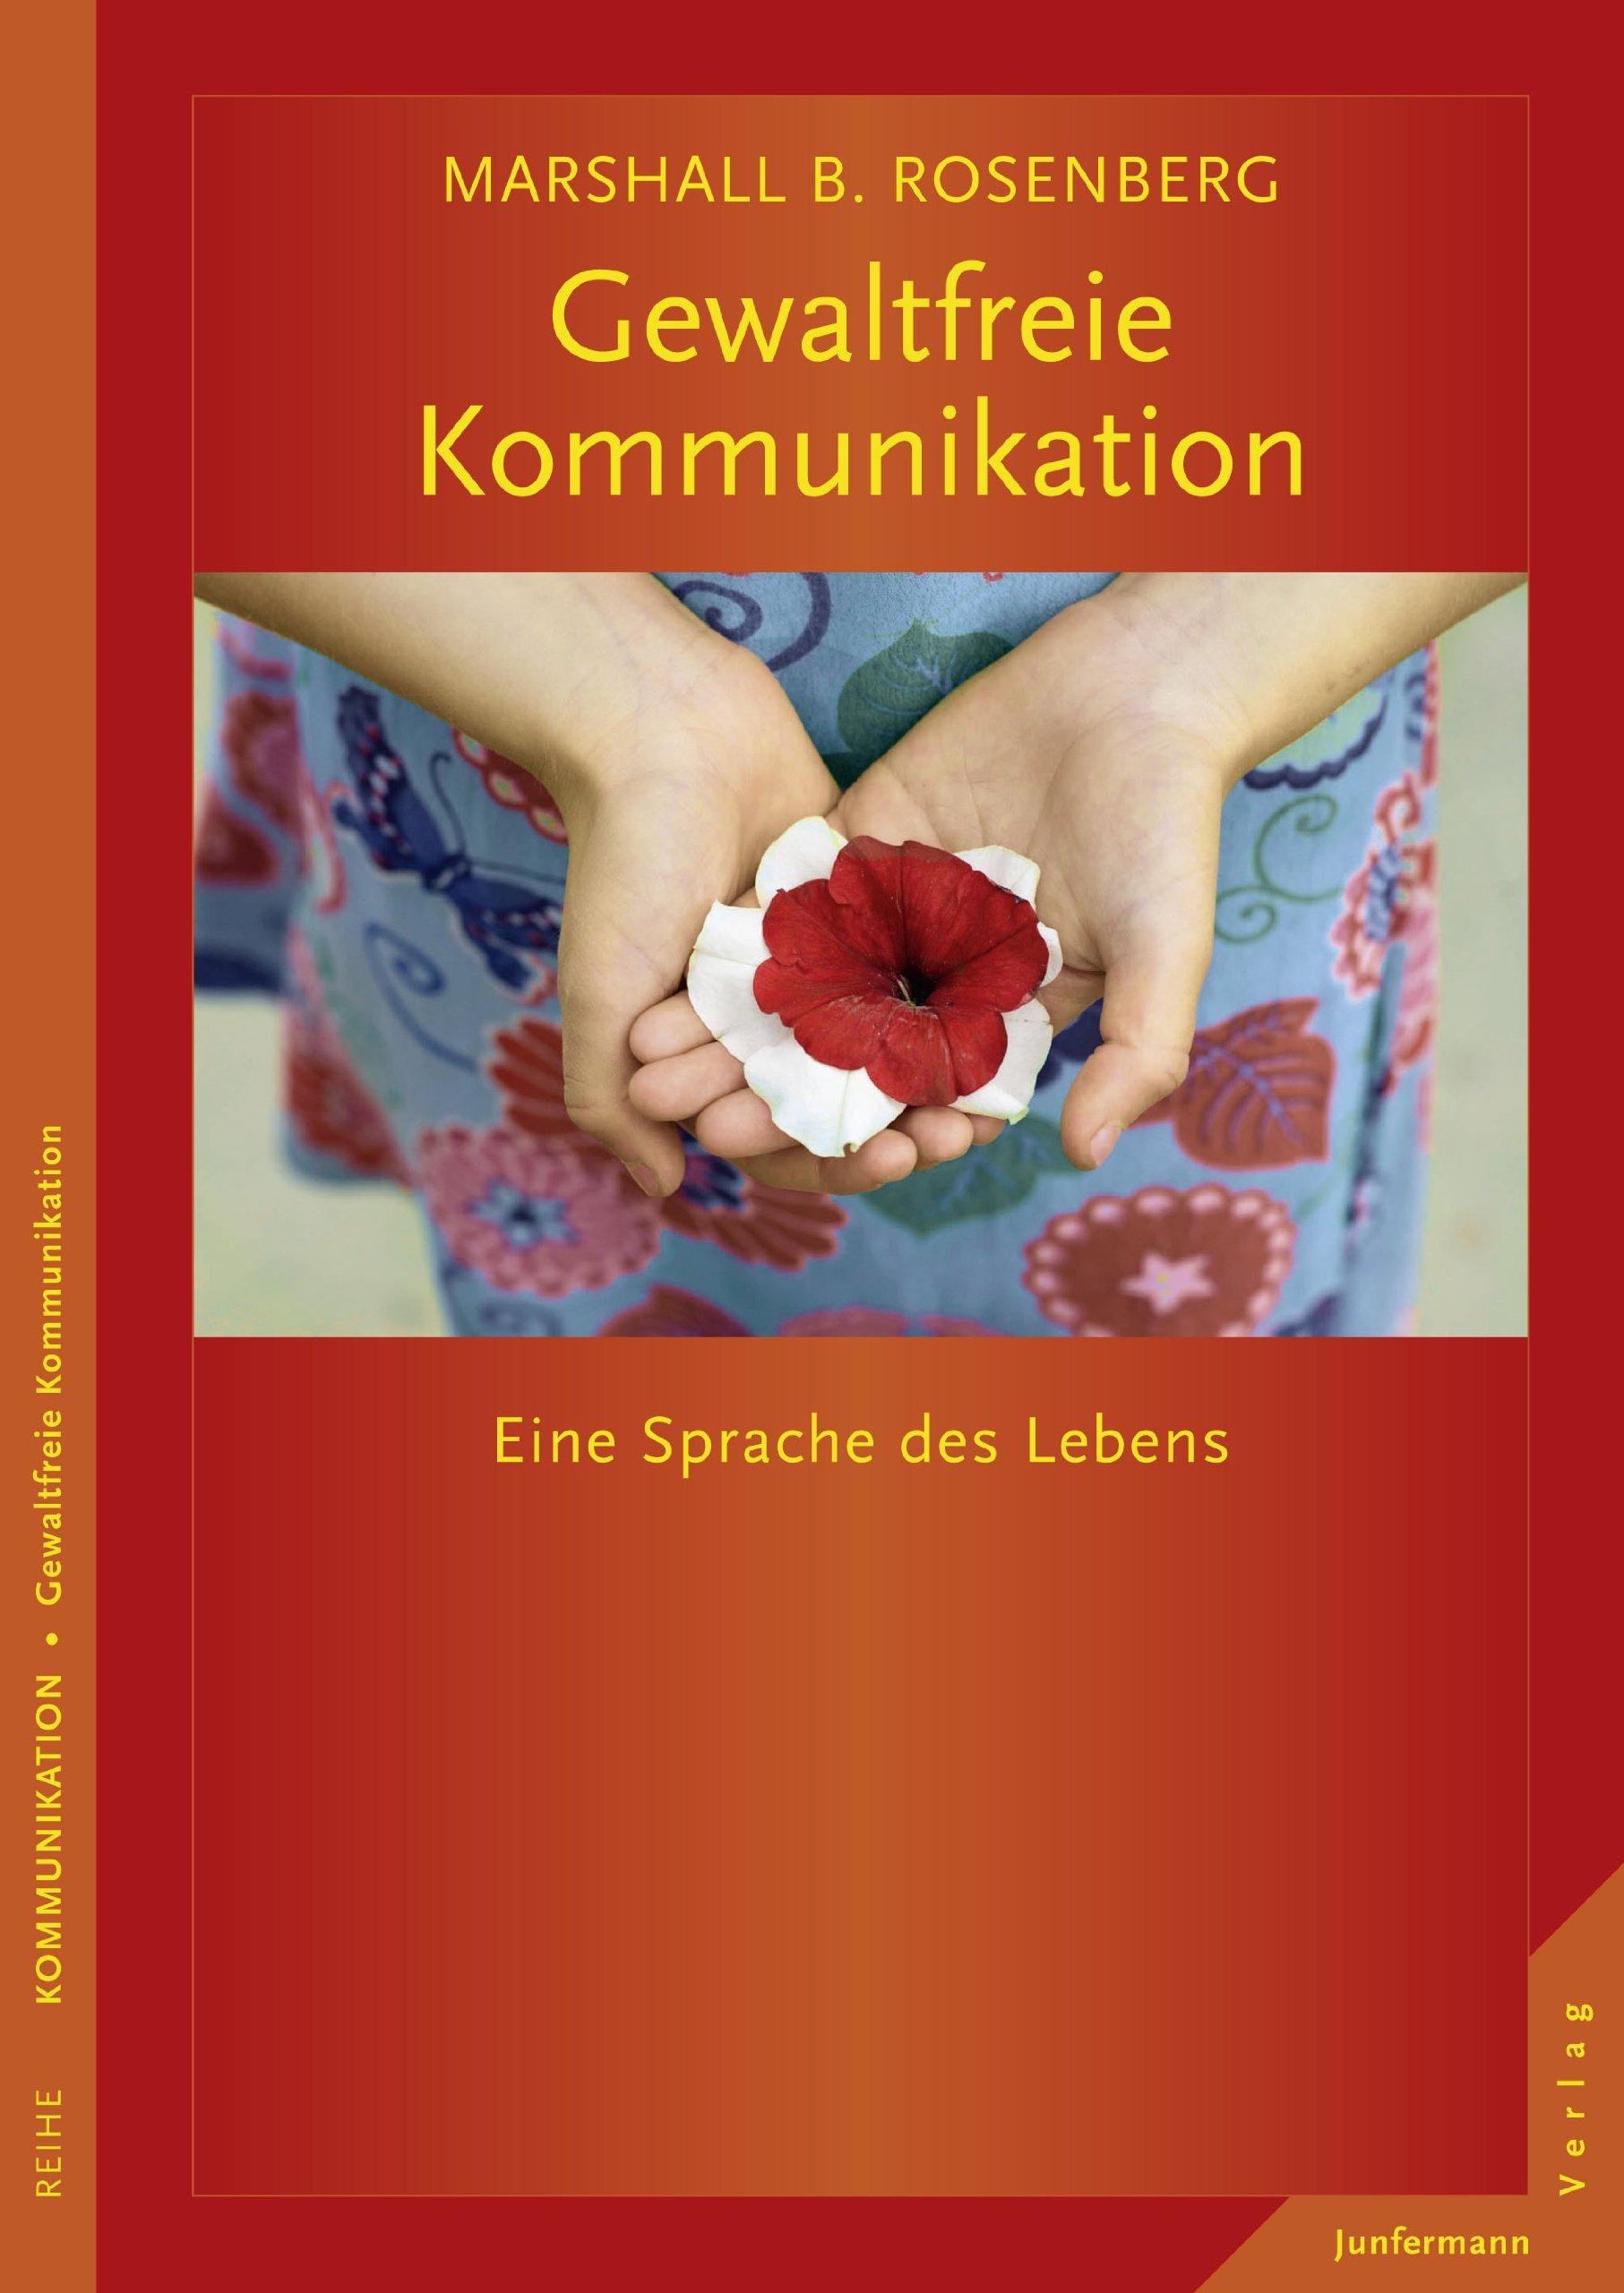 Gewaltfreie Kommunikation: Eine Sprache des Lebens